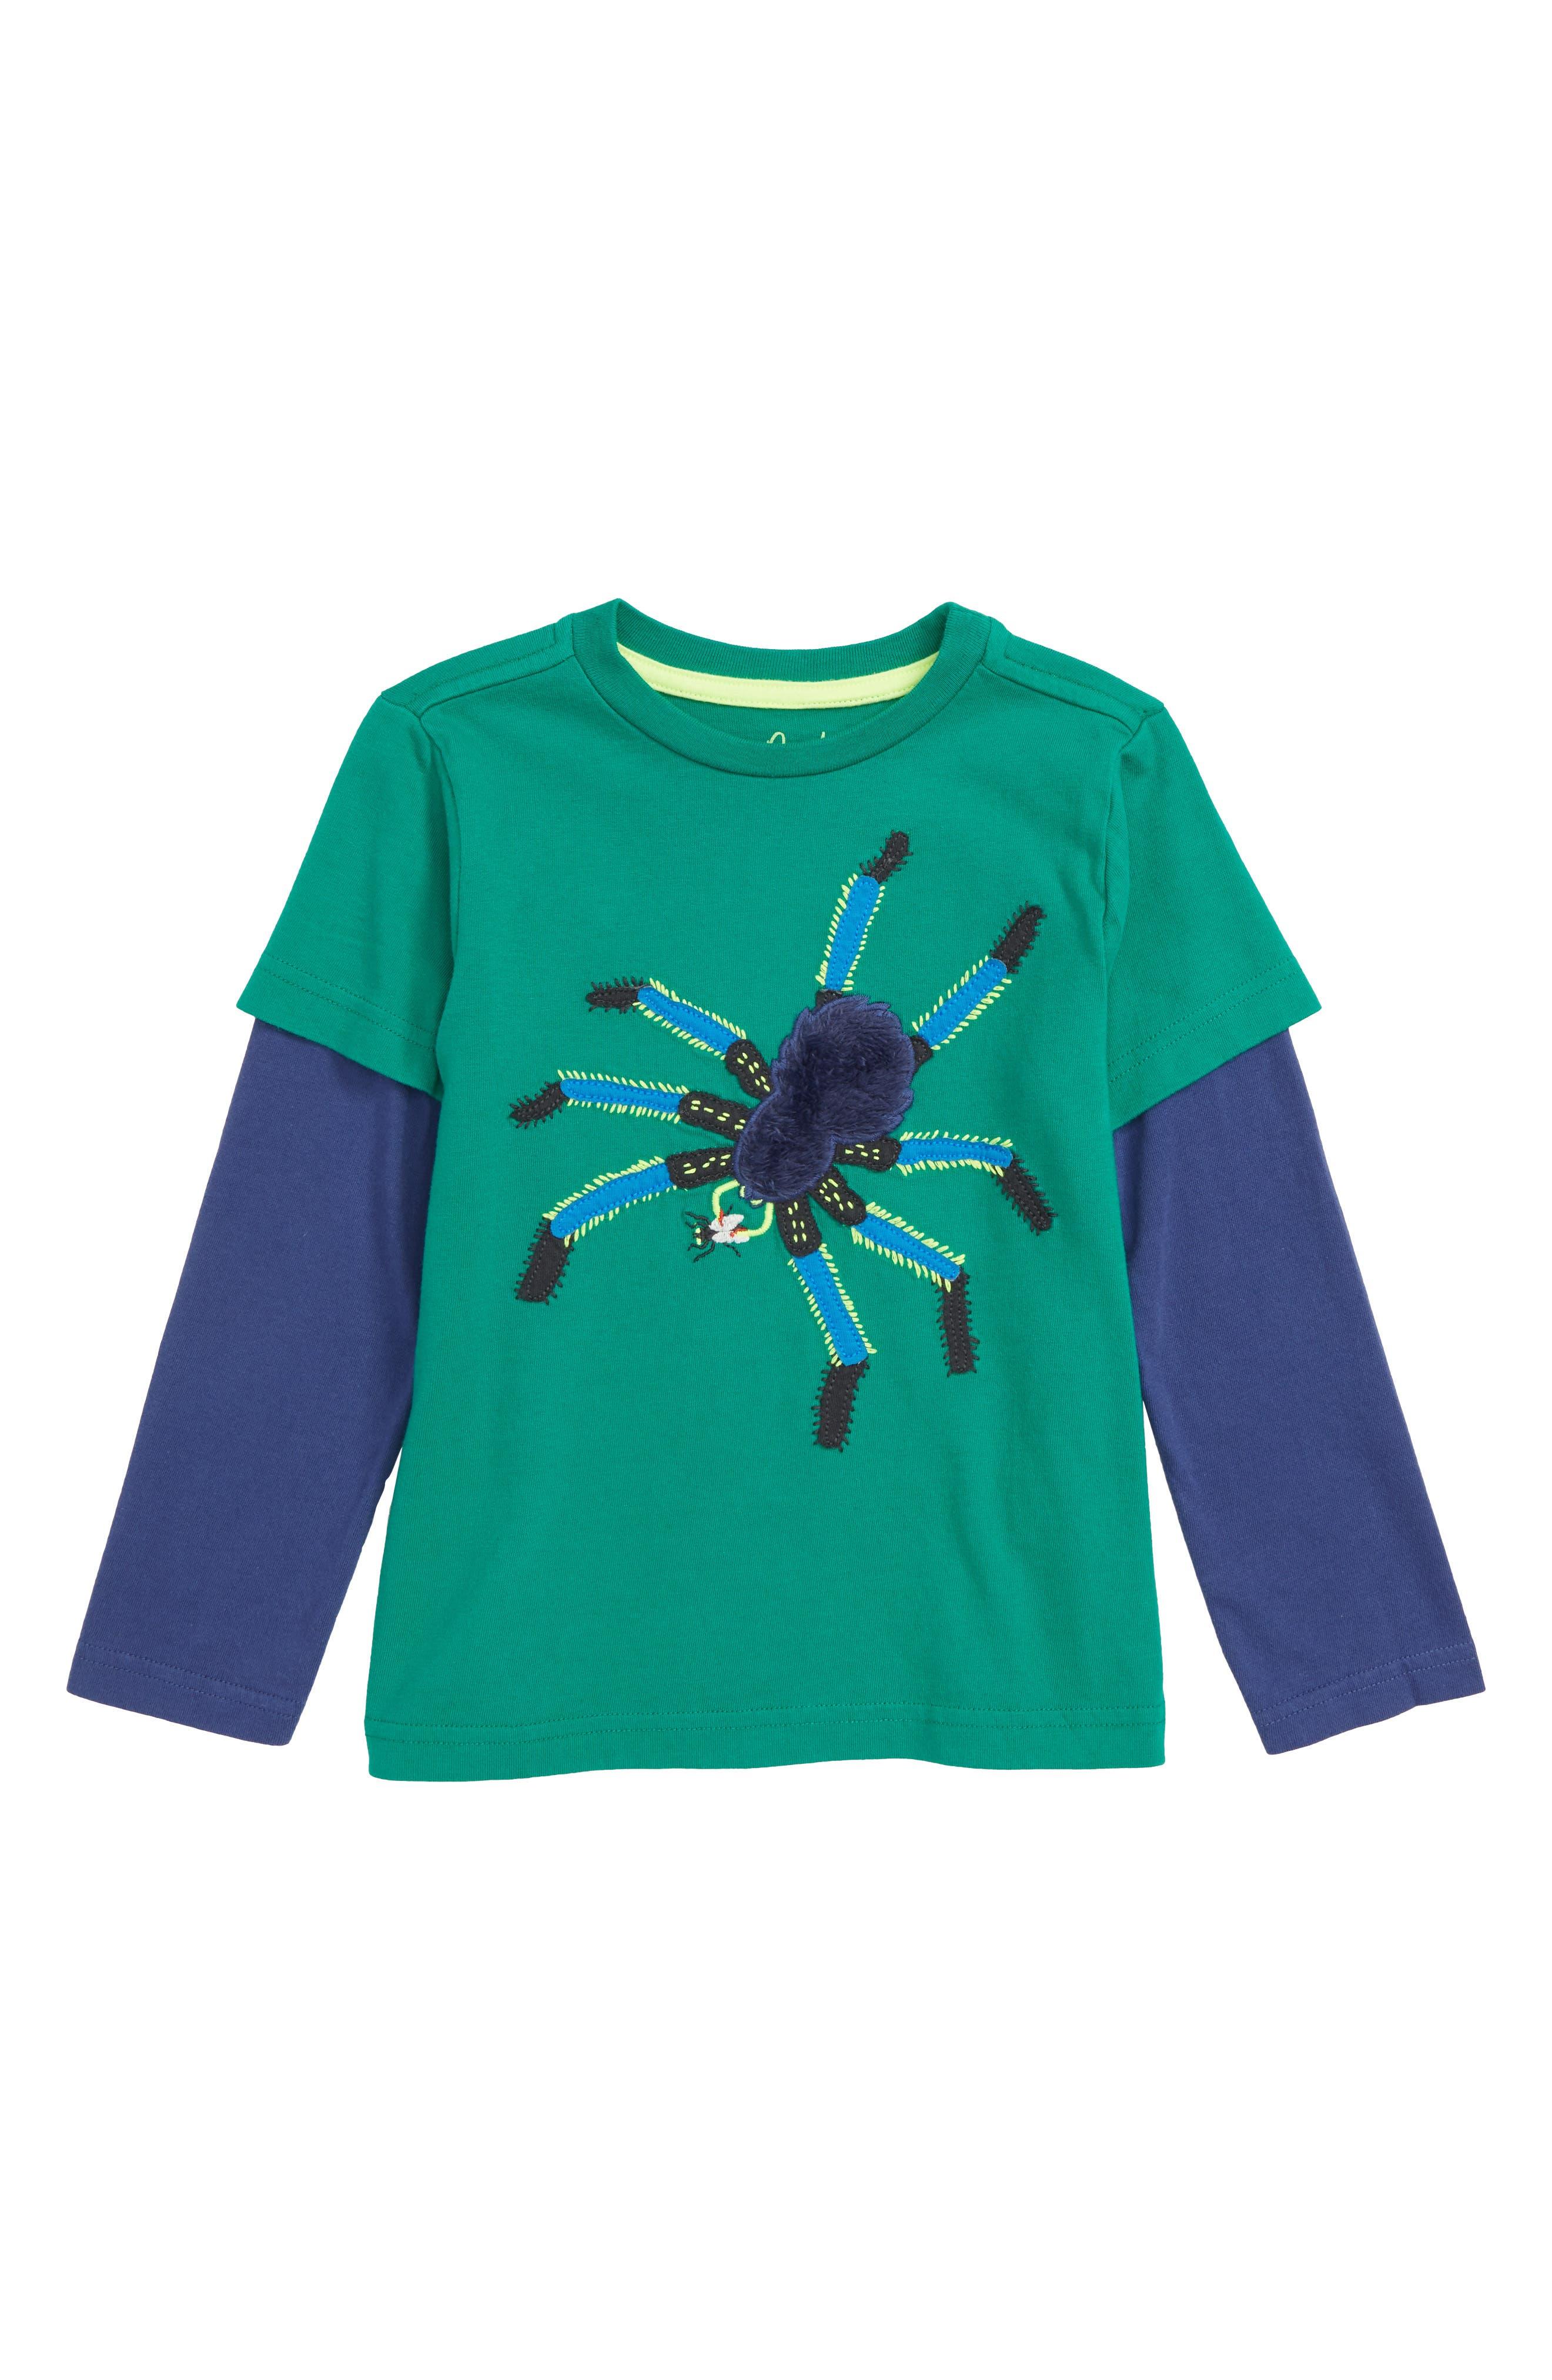 Creepy Crawly Spider T-Shirt,                         Main,                         color, 315